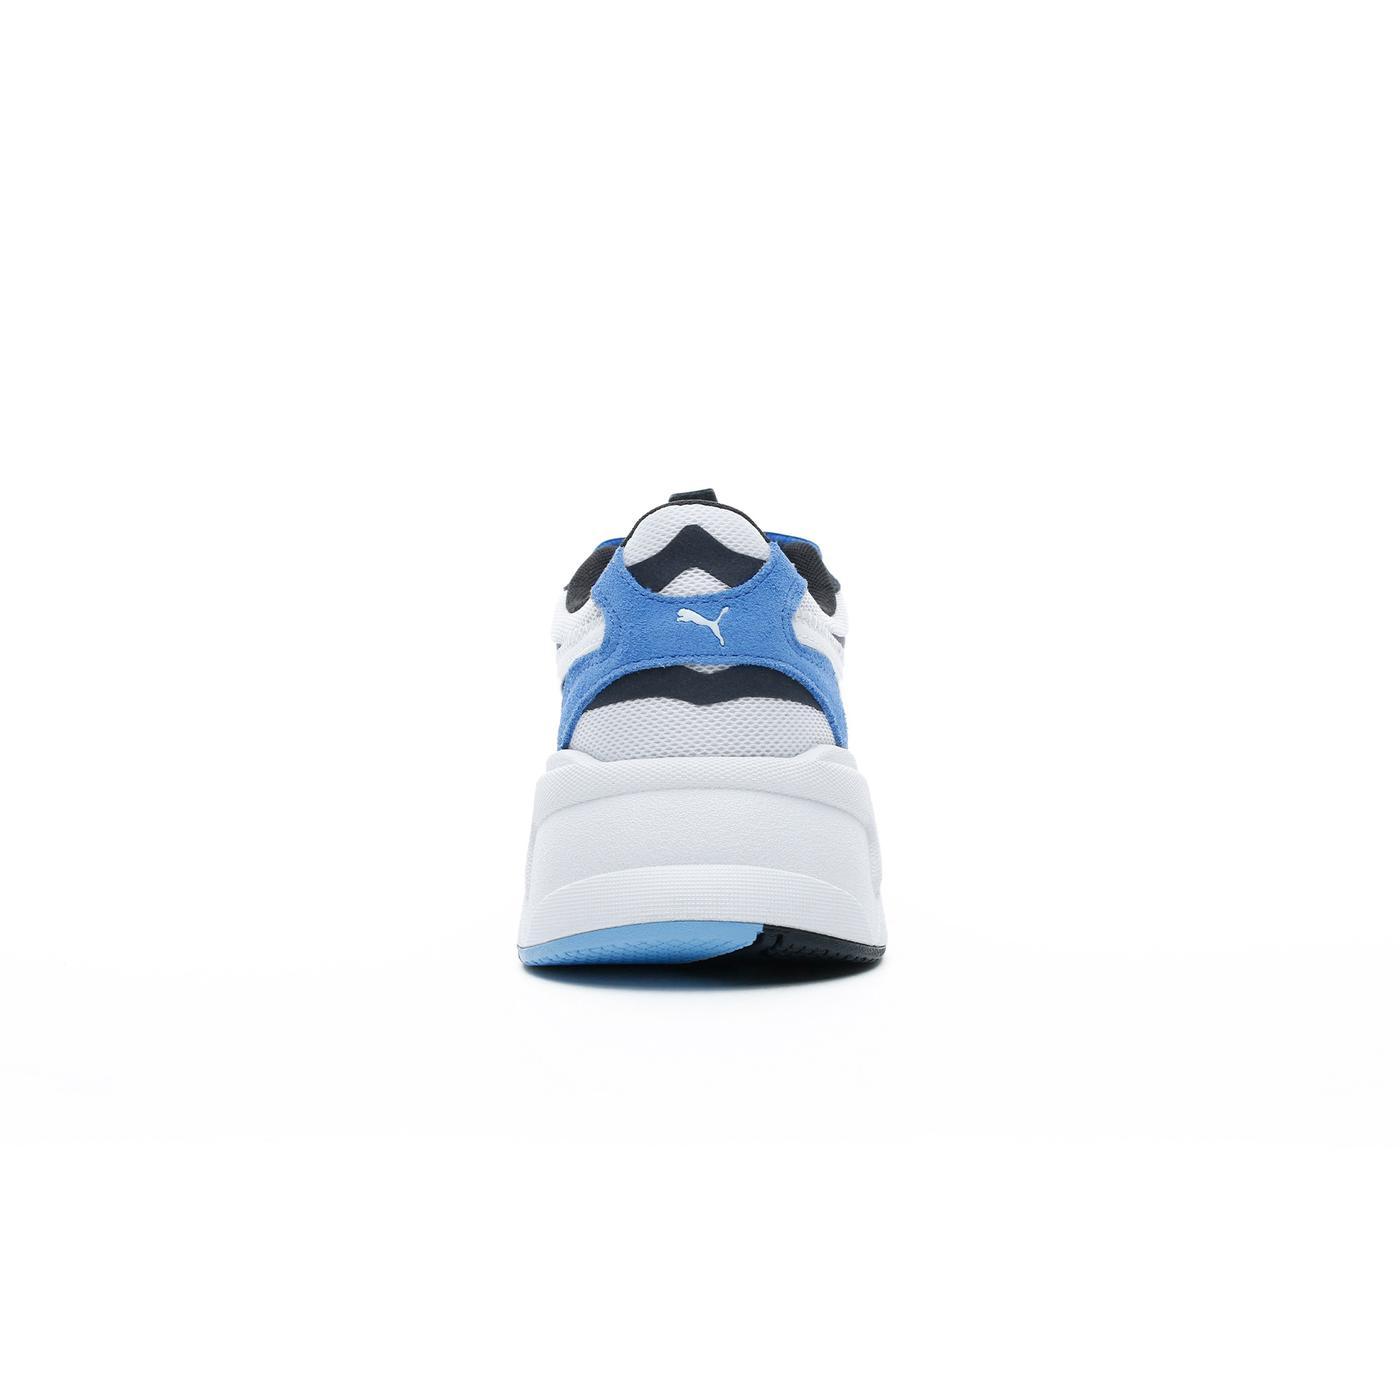 Puma RS-X³ Play Erkek Beyaz-Mavi Spor Ayakkabı